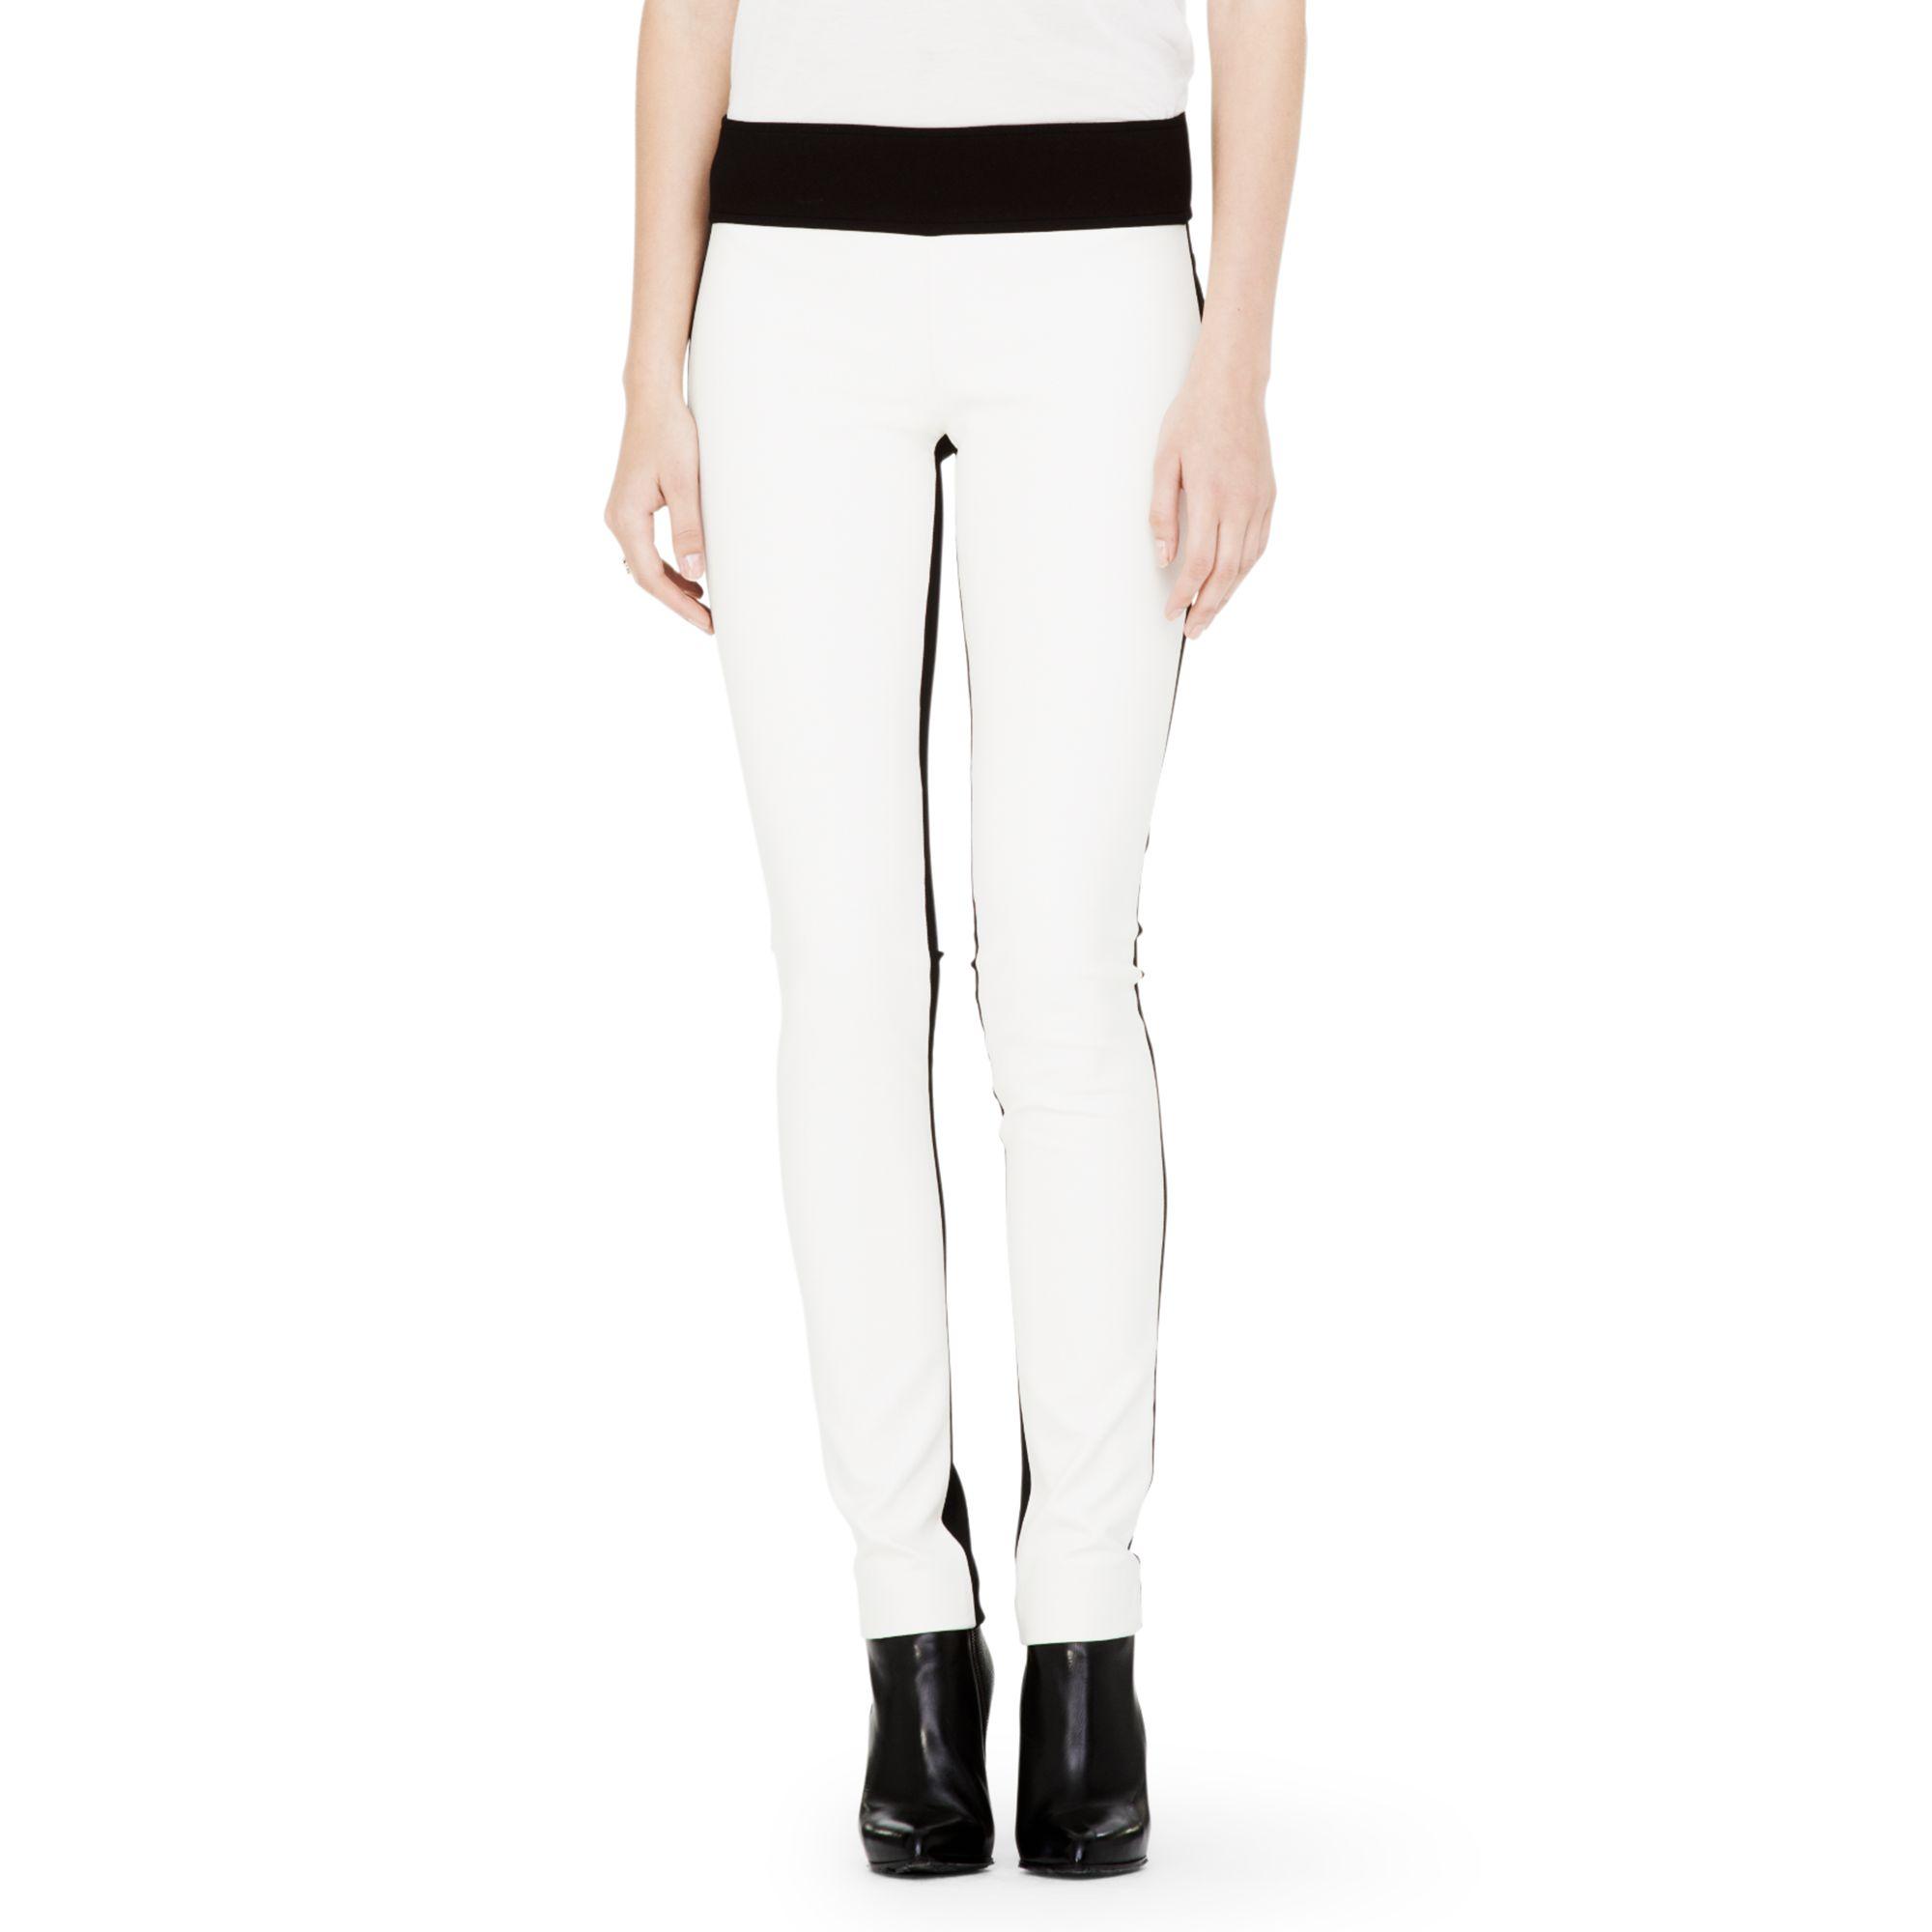 3a549aa8c8e14 Club Monaco Tasha Faux Leather Legging in White - Lyst